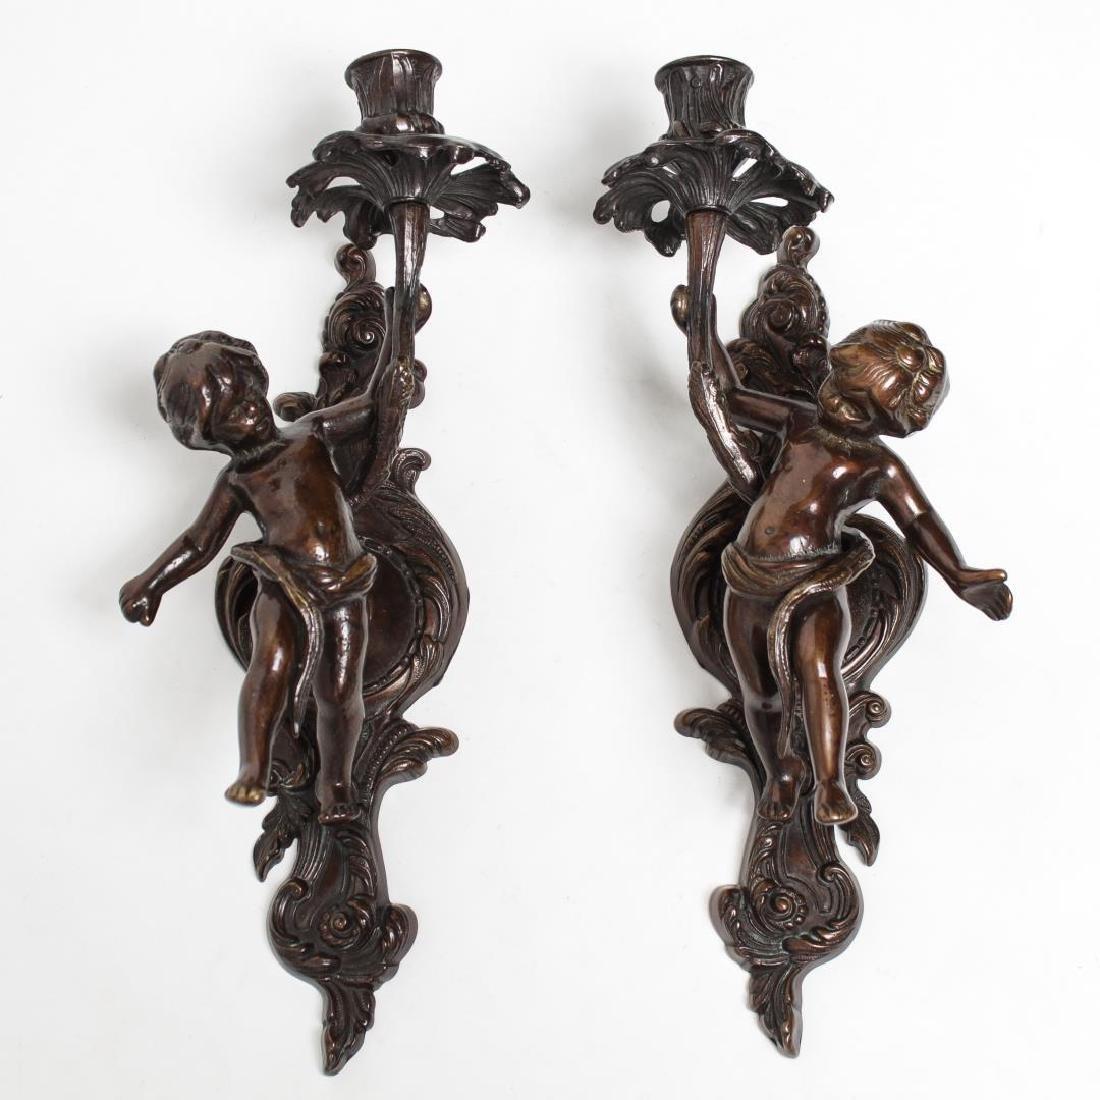 Italian Cherub Sconces, Pair in Bronzed Metal